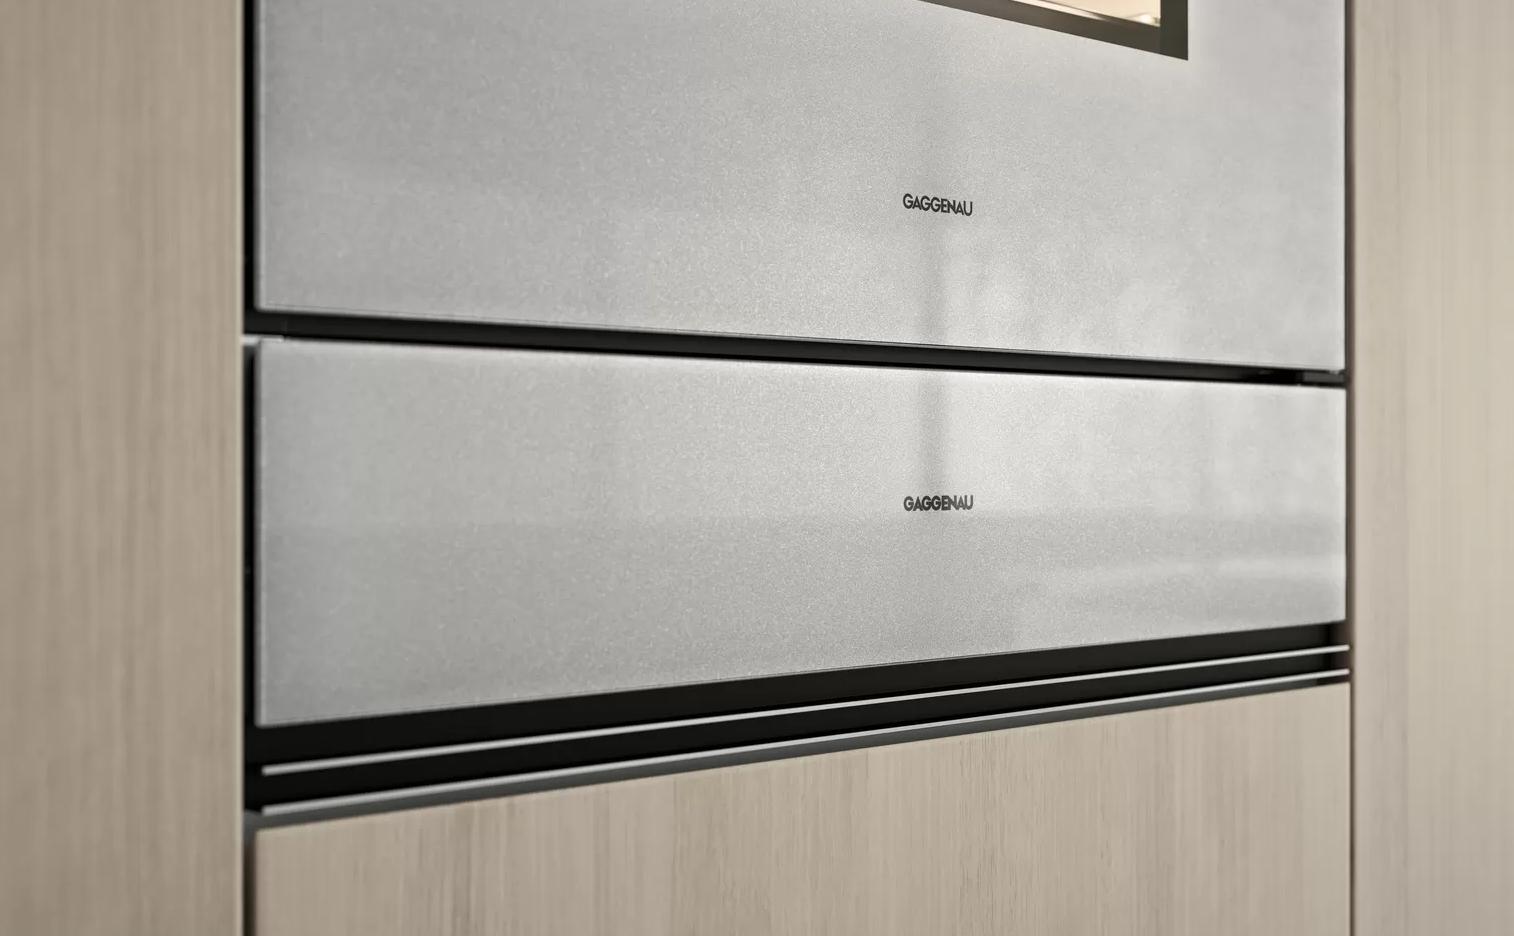 Vacuuming drawer 200 series